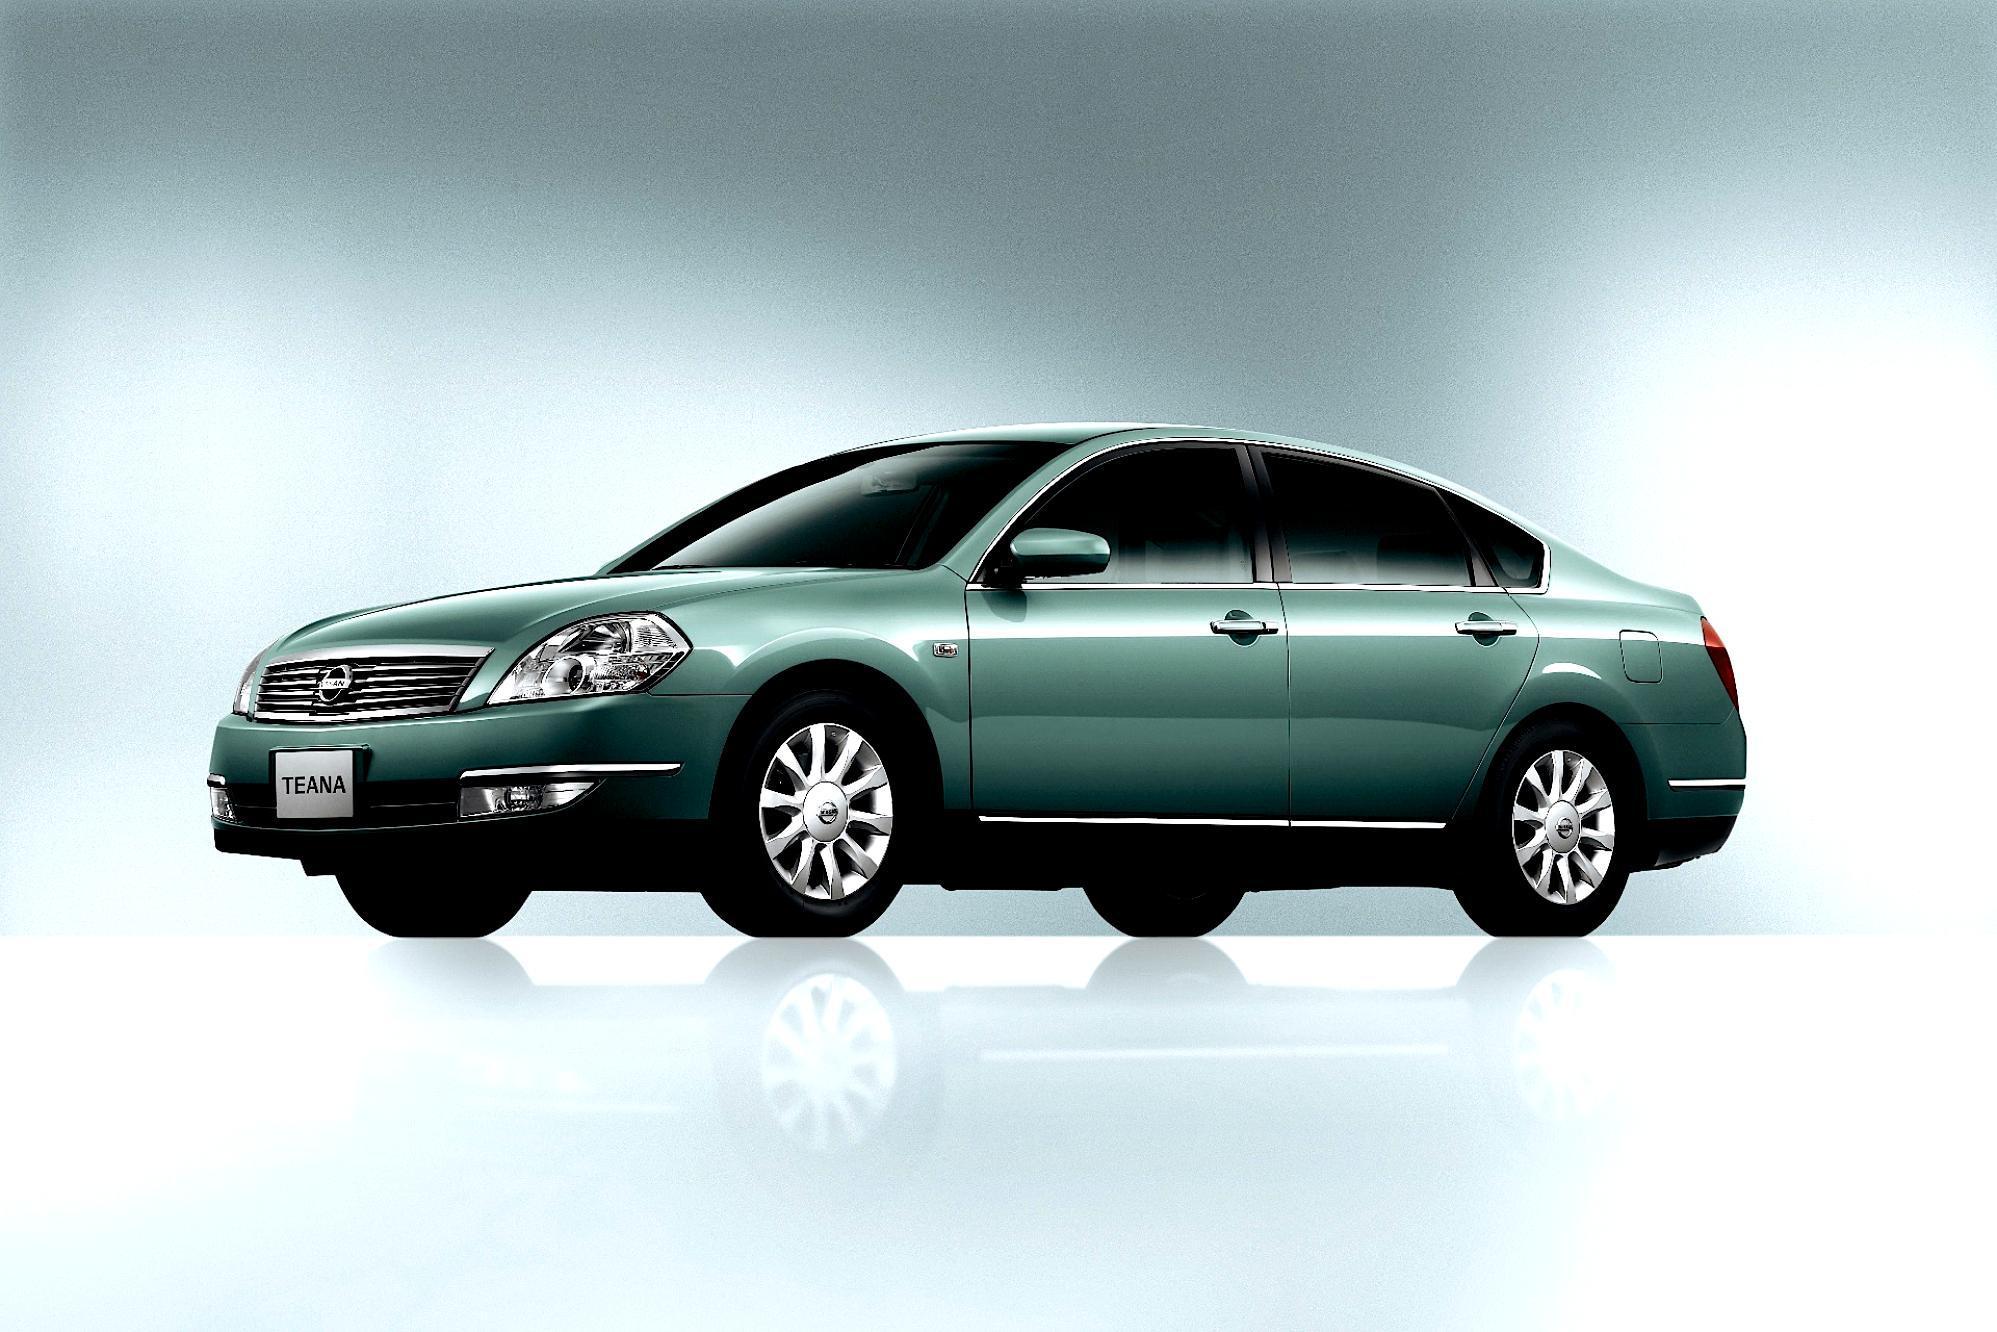 Nissan Teana 2003 On Motoimg Com